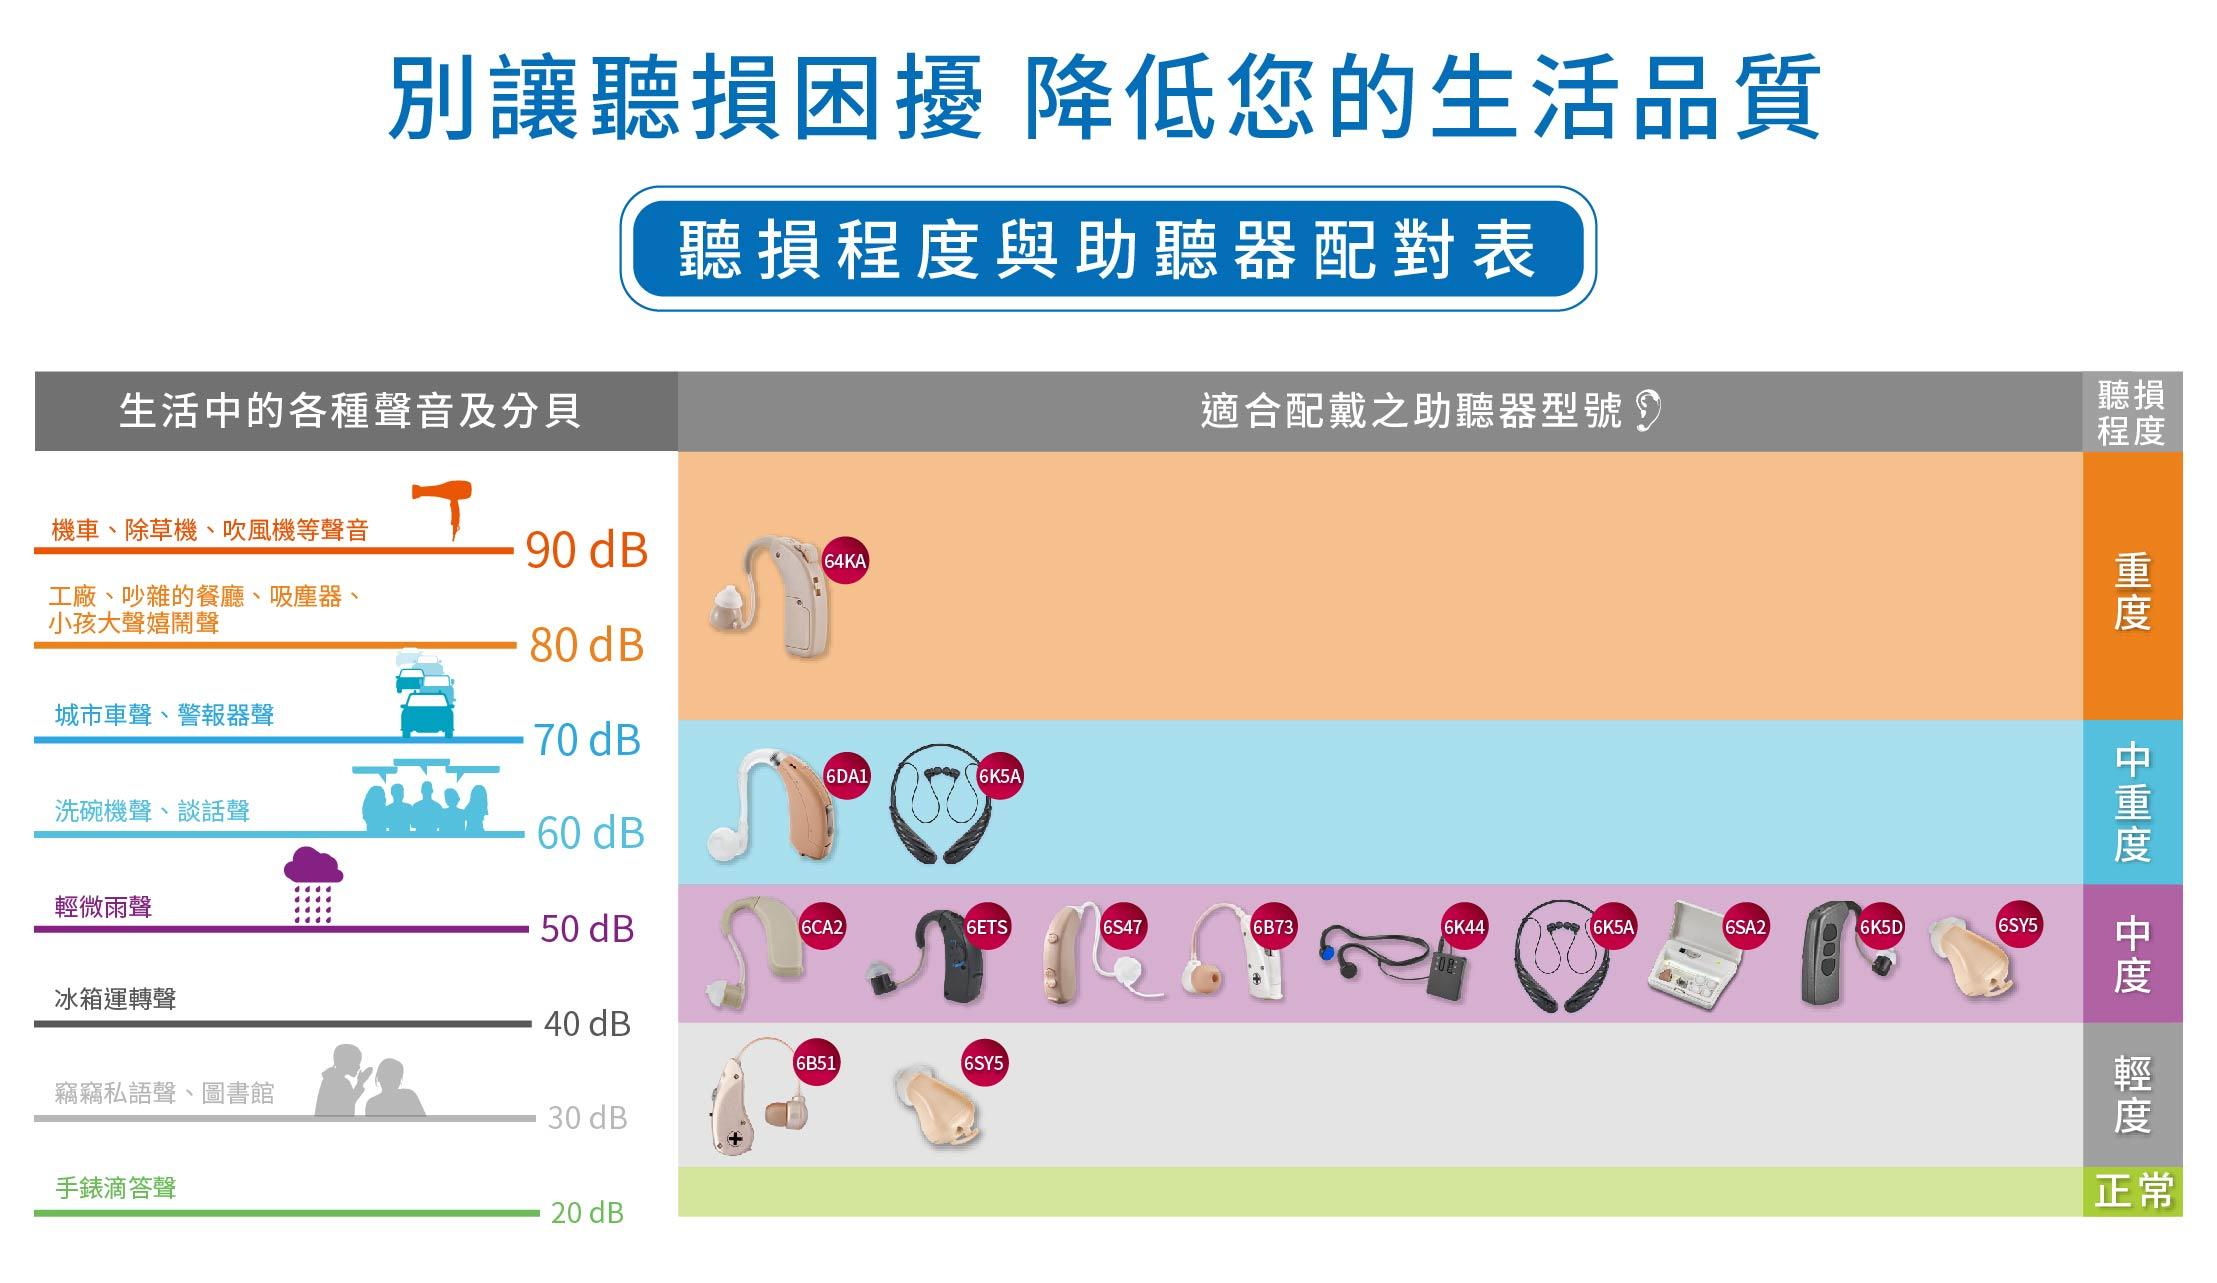 聽損程度與助聽器配對表-類比版